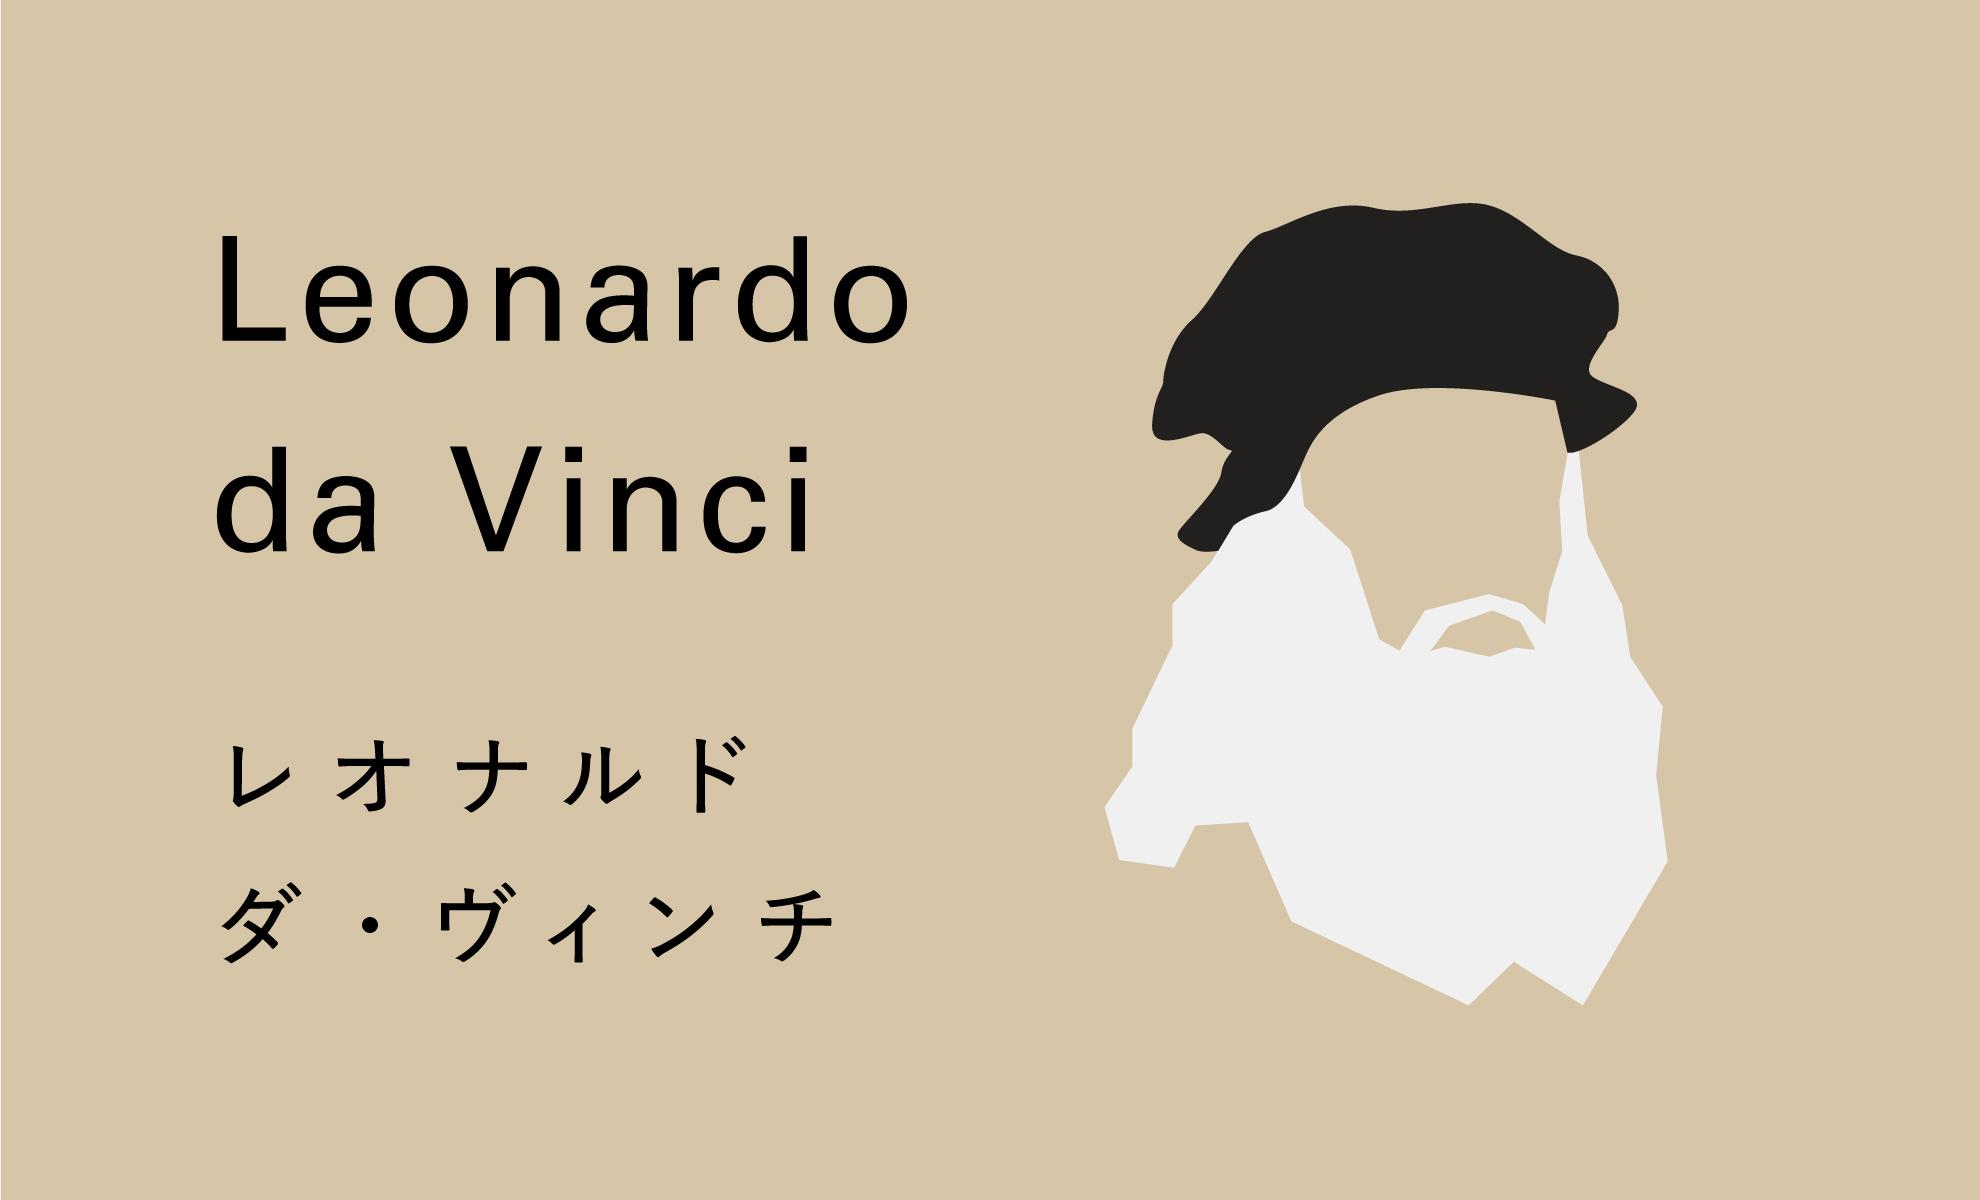 レオナルド・ダ・ヴィンチ 画像